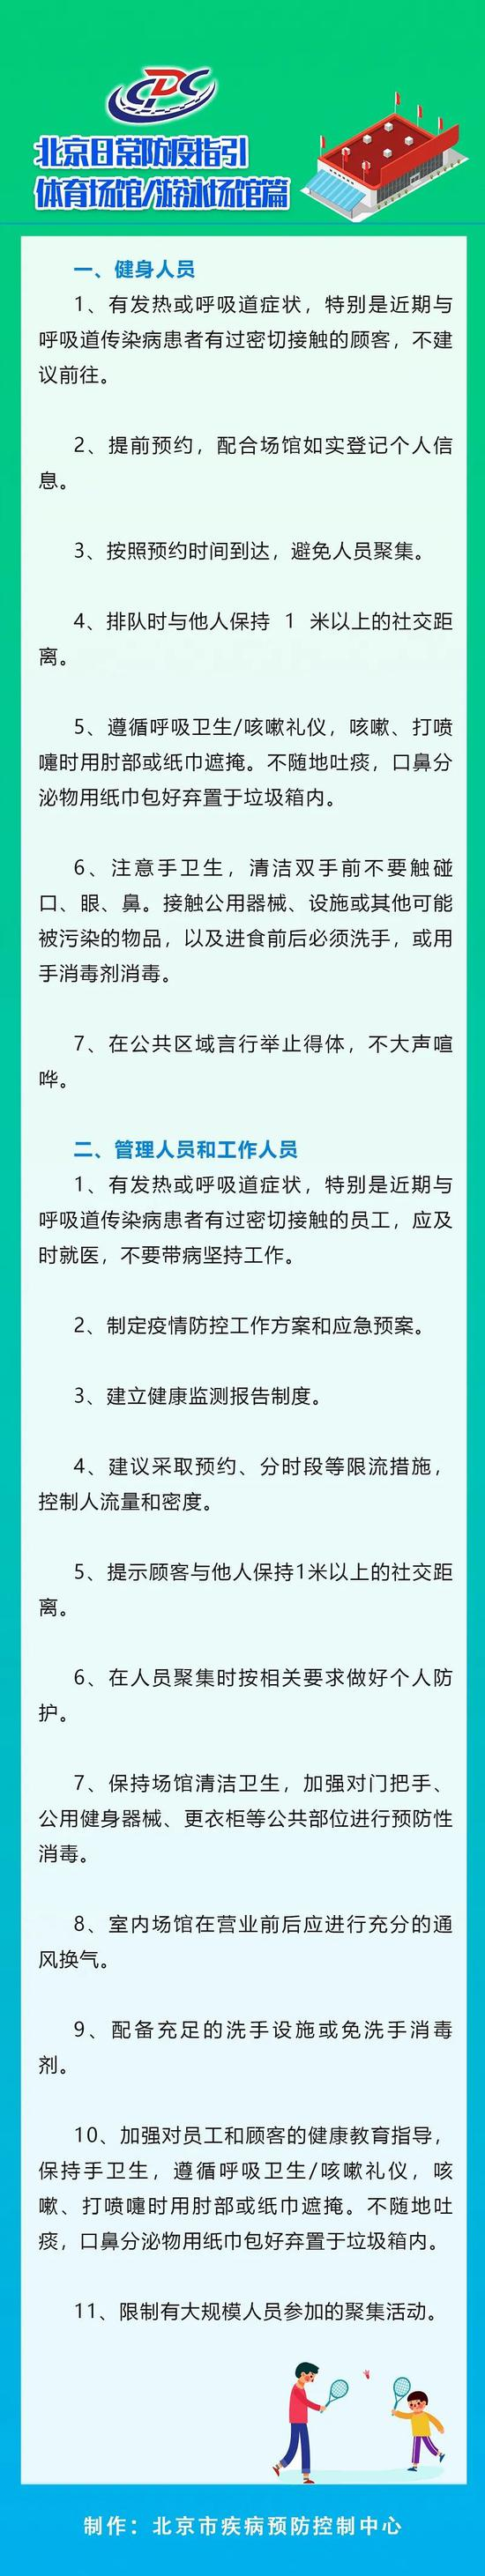 北京发布体育馆游泳场馆防疫指引:健身人员提前预约